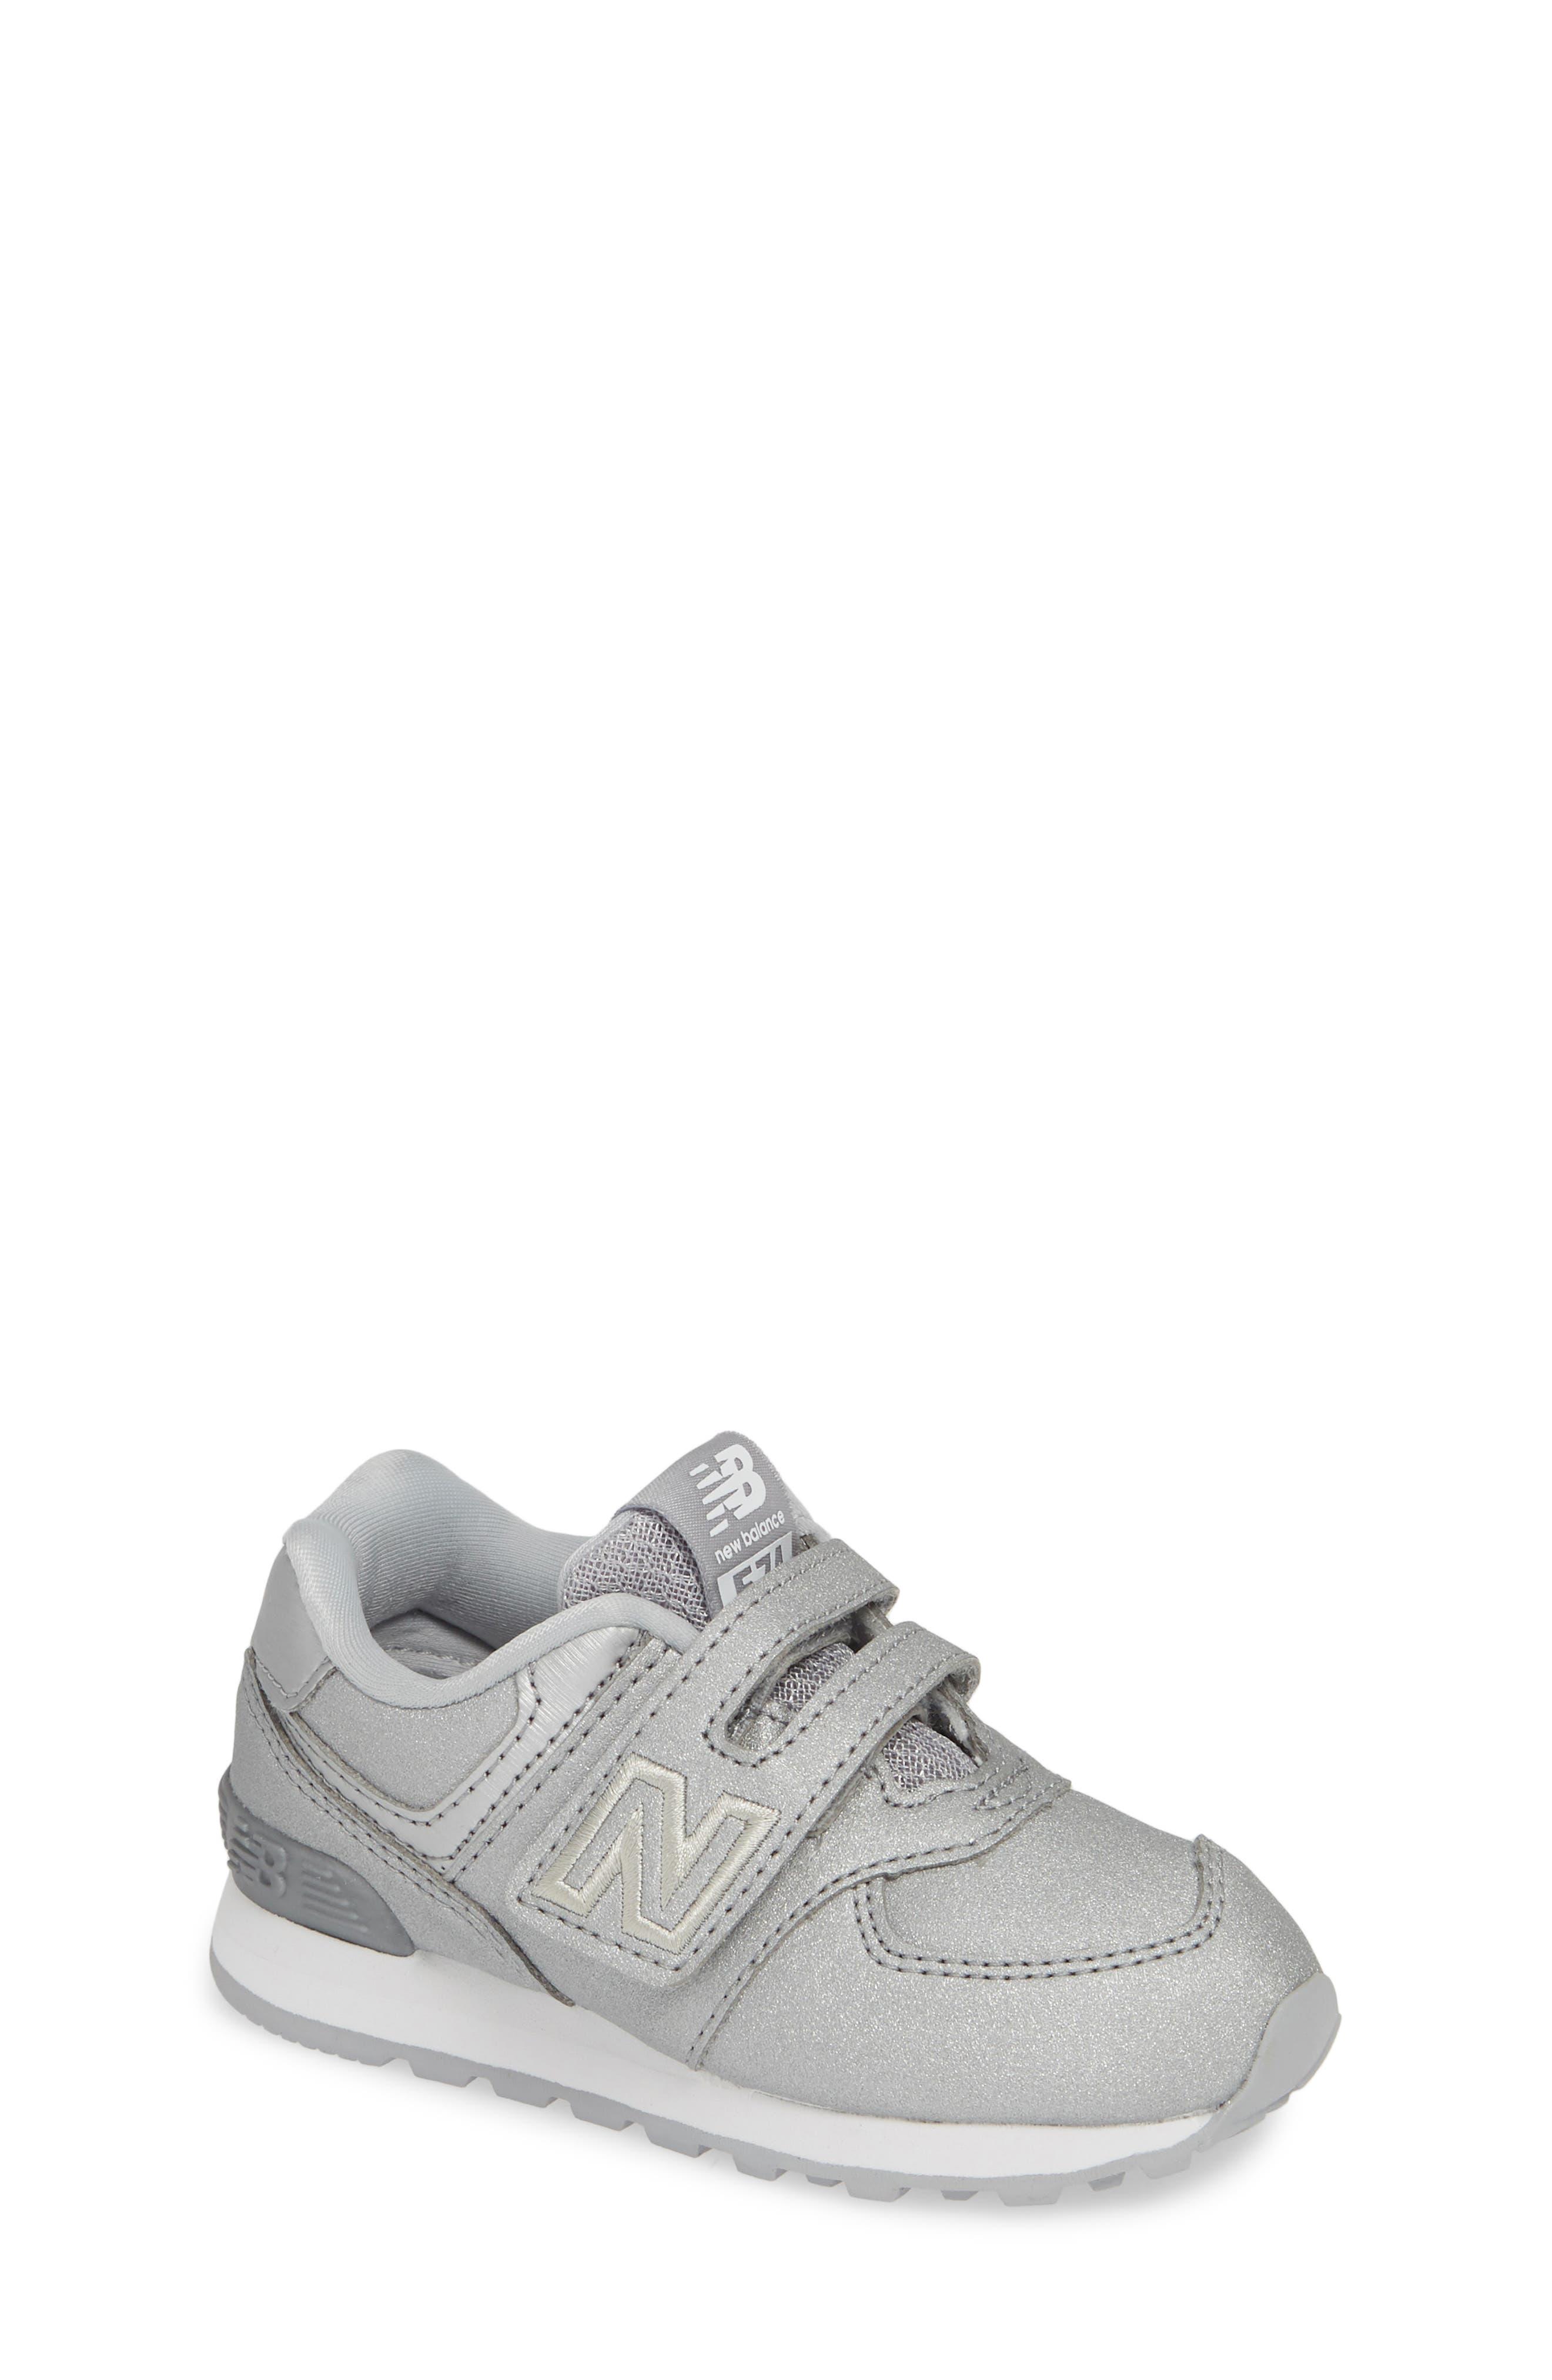 574 Essentials Glitter Sneaker, Main, color, SILVER